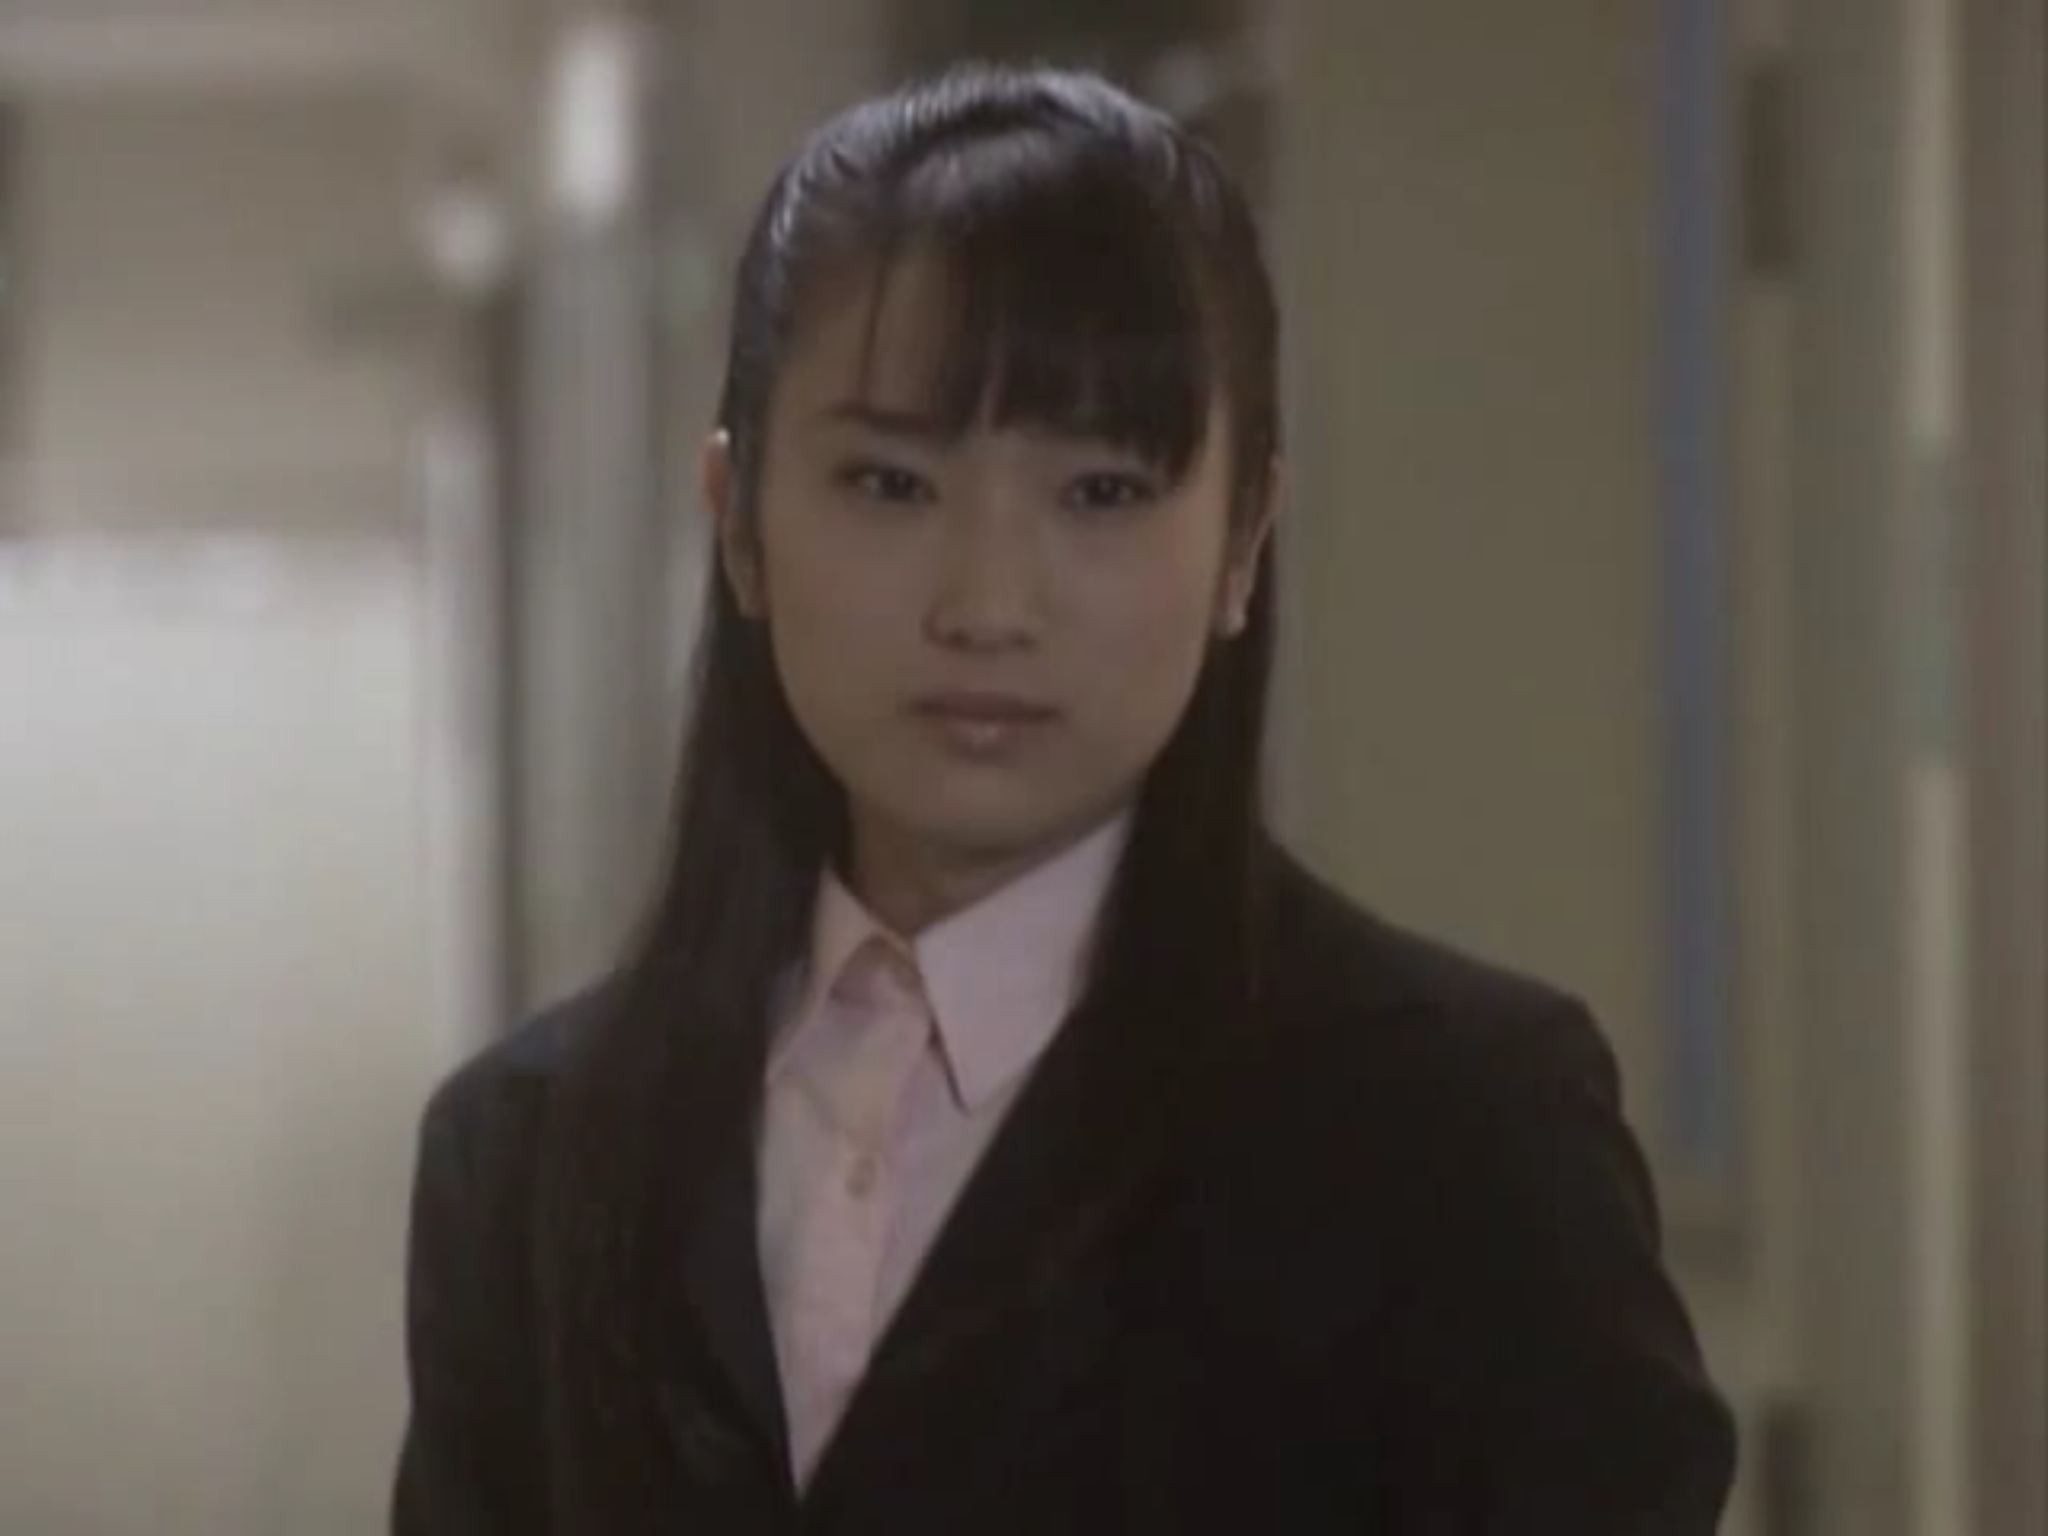 Mizuo Nonomiya